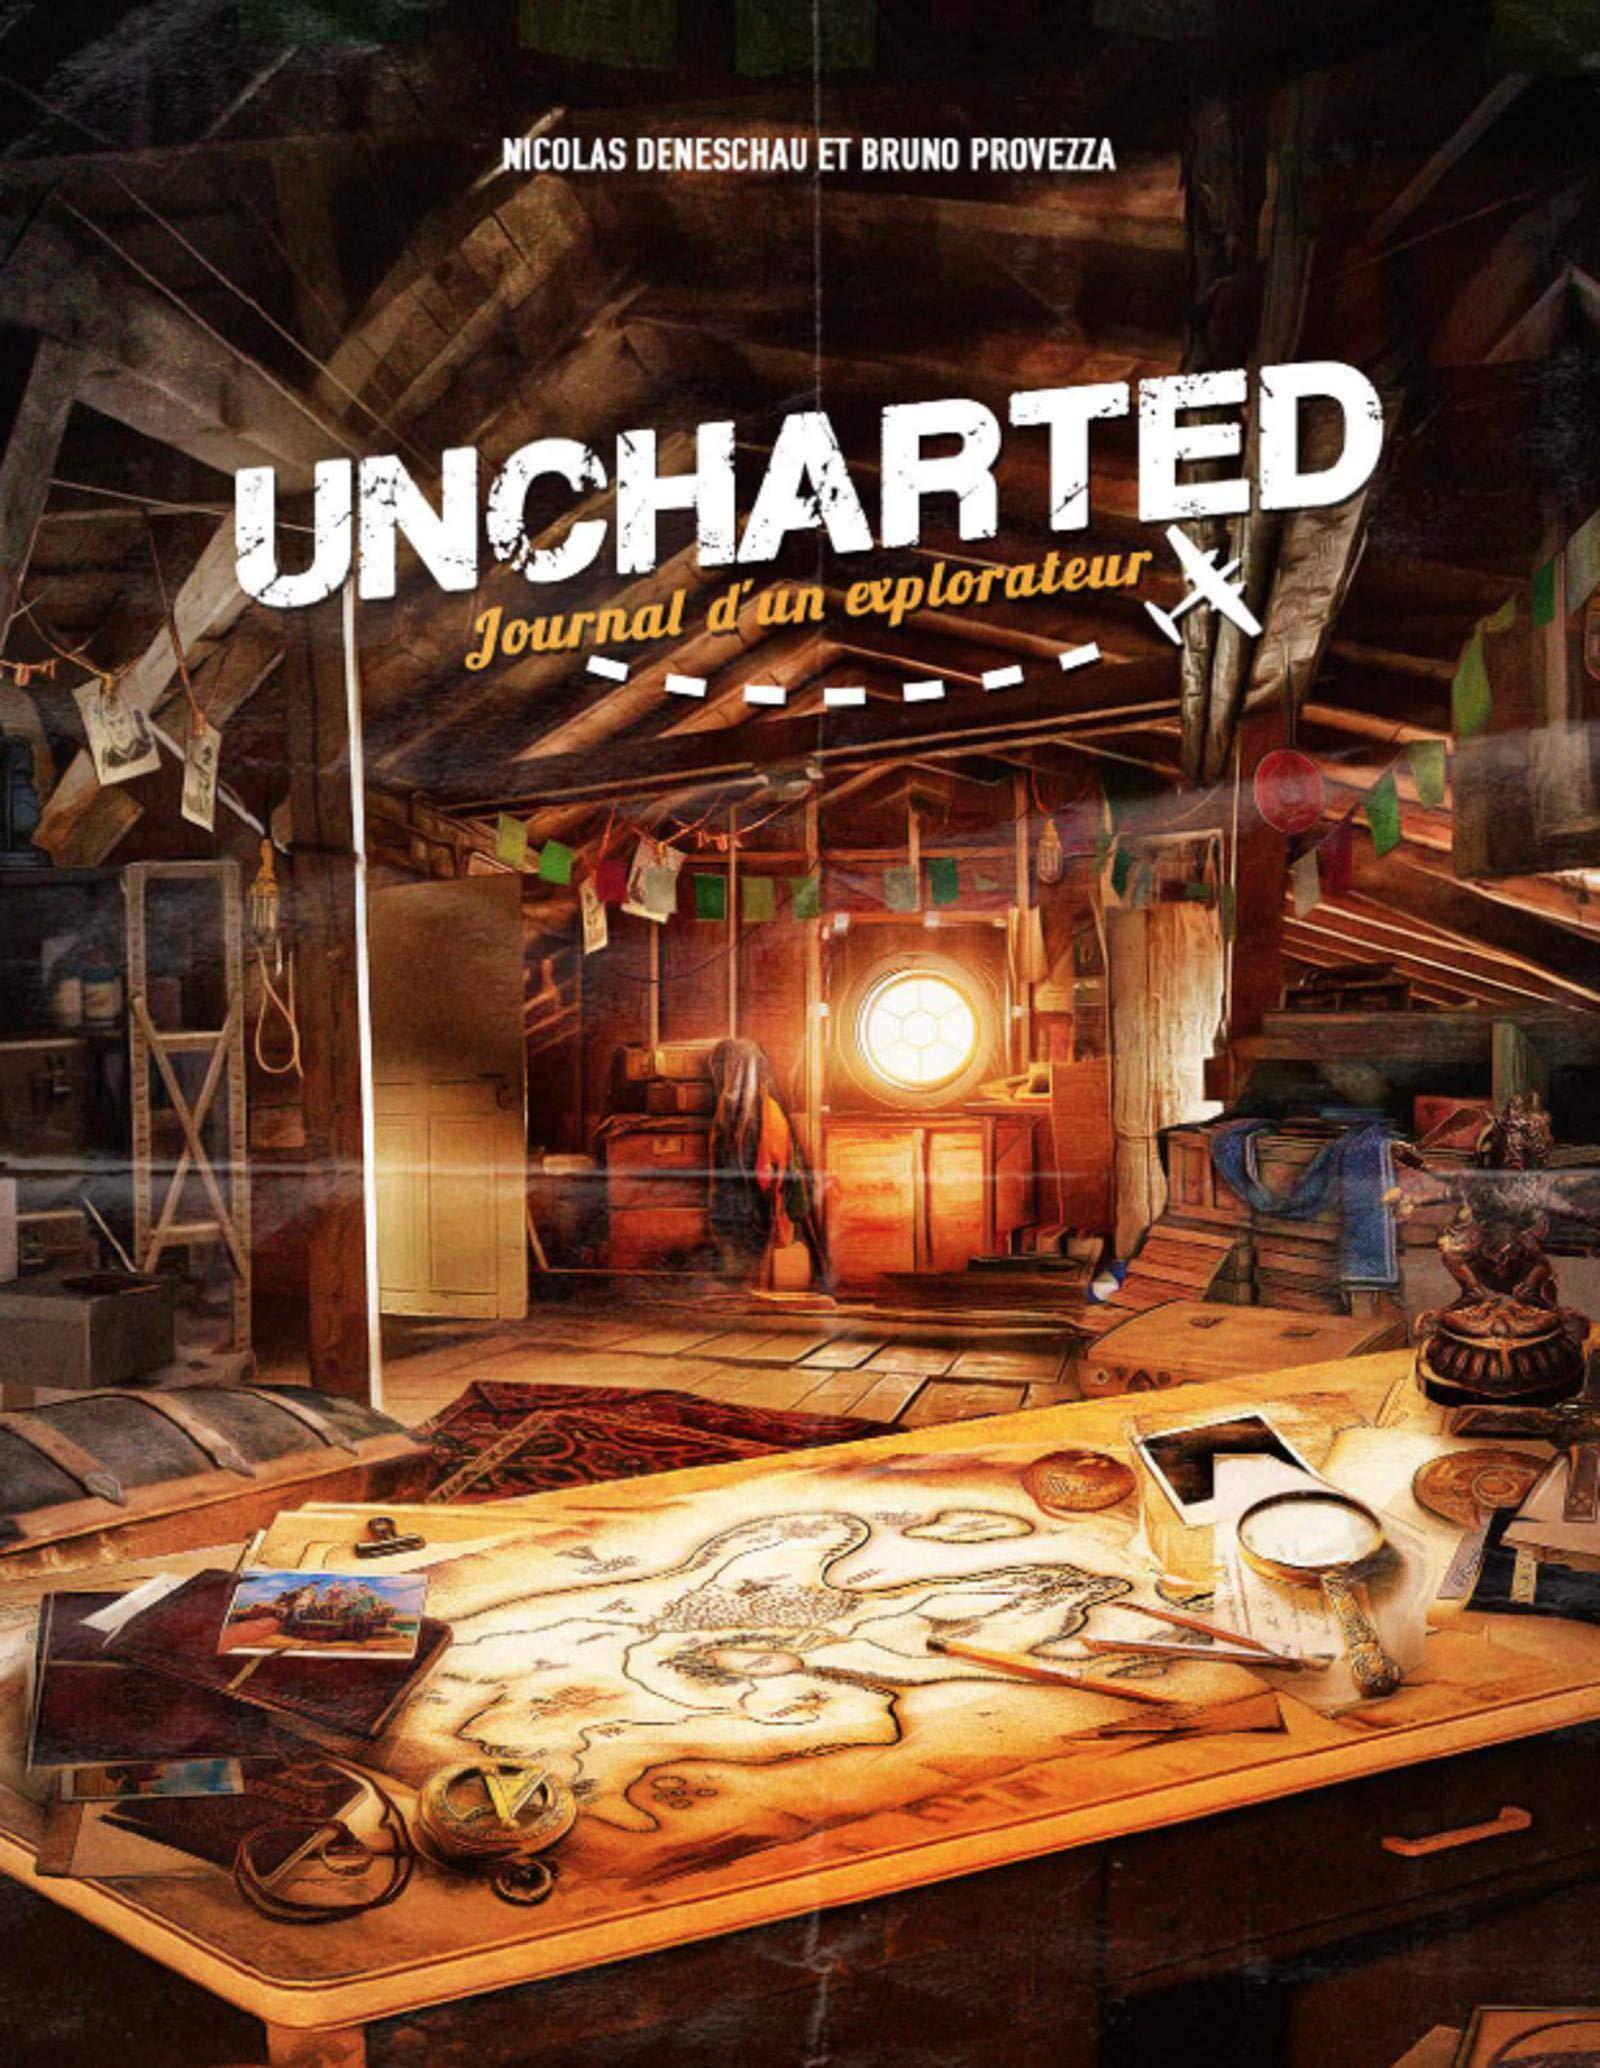 Uncharted - journal dun explorateur (Sagas): Amazon.es: Deneschau, Nicolas, Provezza, Bruno: Libros en idiomas extranjeros